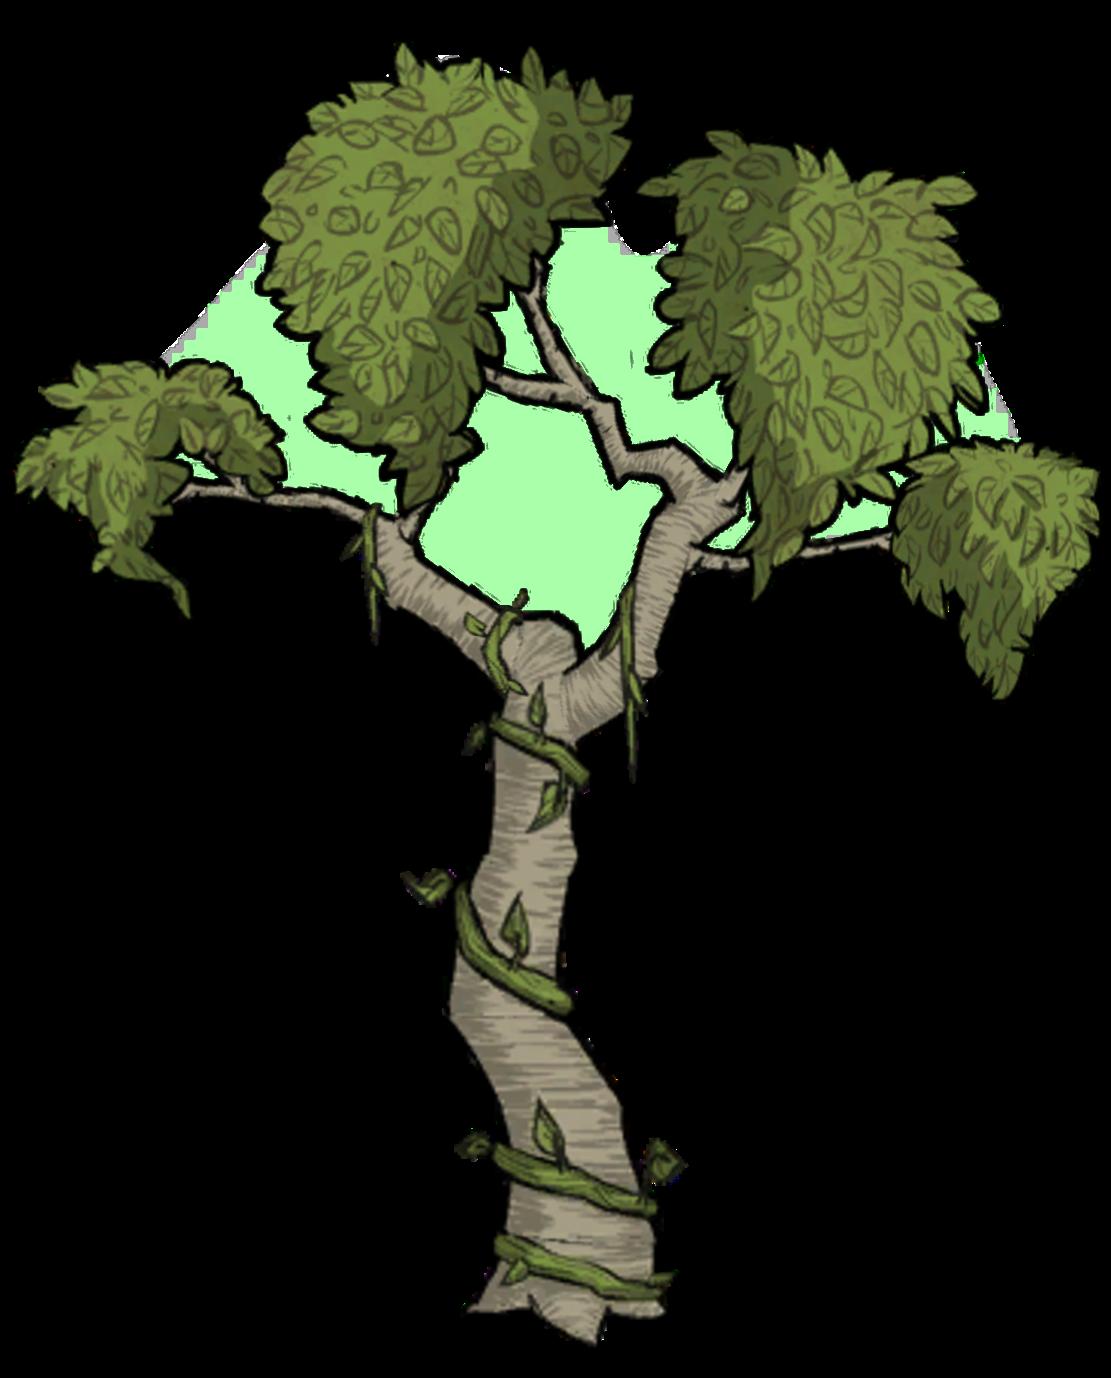 5e0e7a194a59a_treeforestnormal.png.8e4f344eac05b6b9e7c3678a20ddd45c.png